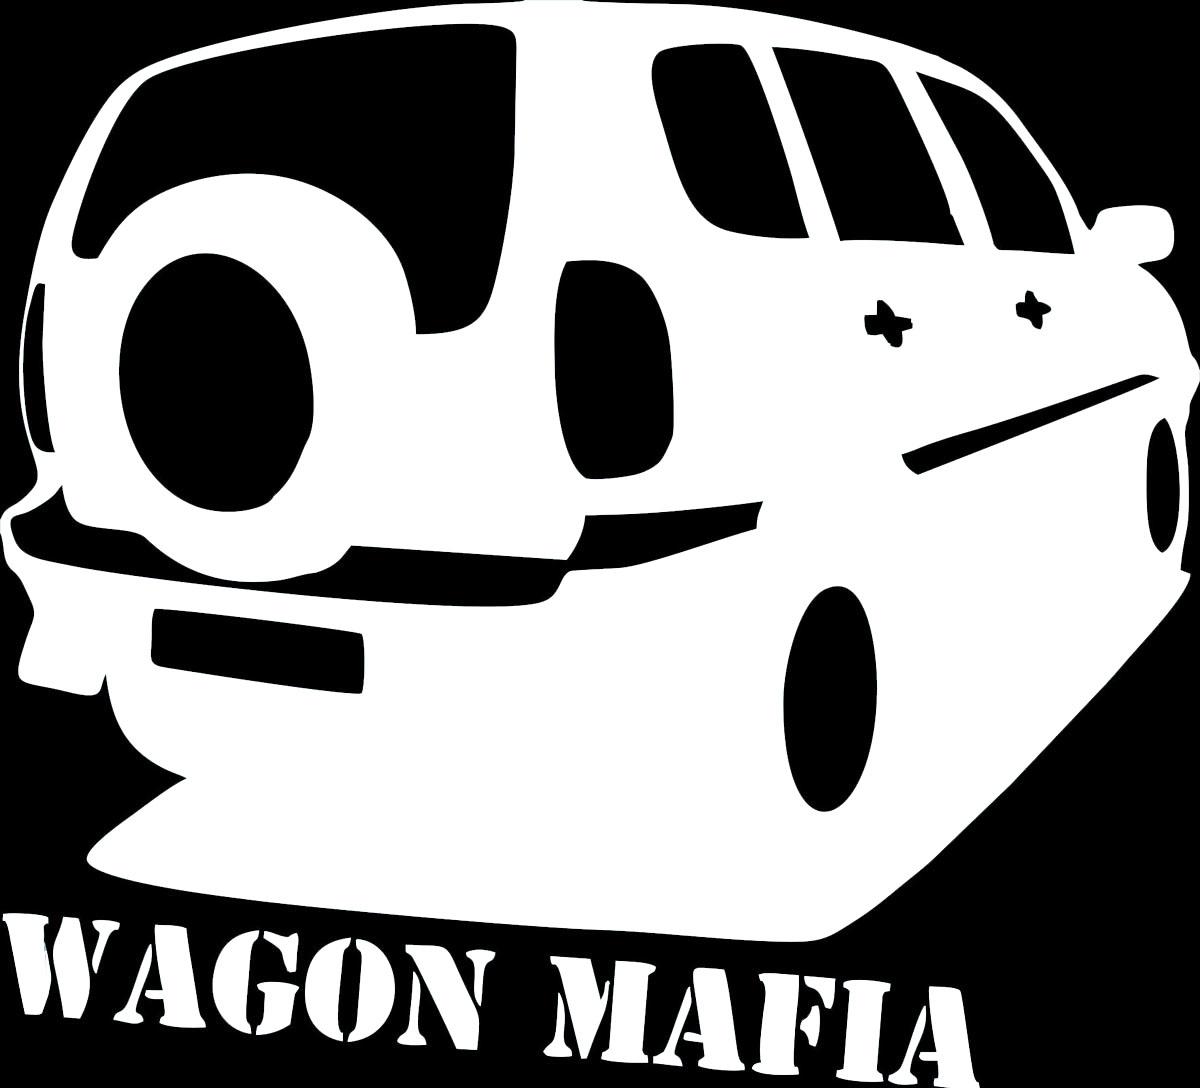 Наклейка автомобильная Оранжевый слоник Wagon Mafia 1, виниловая, цвет: белыйCA-3505Оригинальная наклейка Оранжевый слоник Wagon Mafia 1 изготовлена из высококачественной виниловой пленки, которая выполняет не только декоративную функцию, но и защищает кузов автомобиля от небольших механических повреждений, либо скрывает уже существующие.Виниловые наклейки на автомобиль - это не только красиво, но еще и быстро! Всего за несколько минут вы можете полностью преобразить свой автомобиль, сделать его ярким, необычным, особенным и неповторимым!